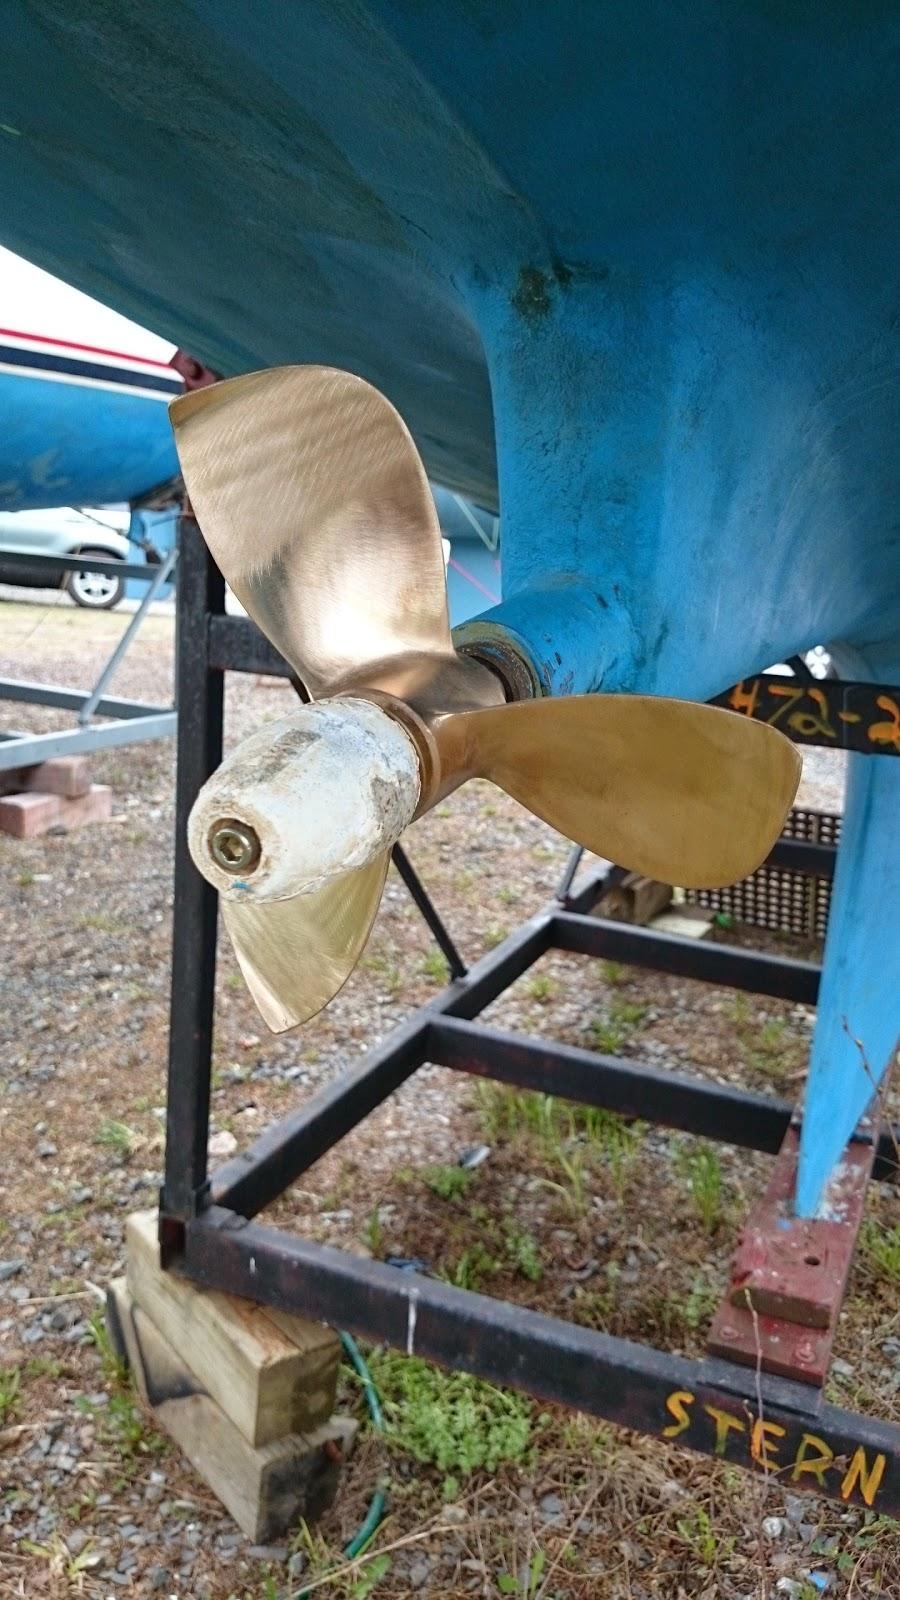 Indigo Propeller